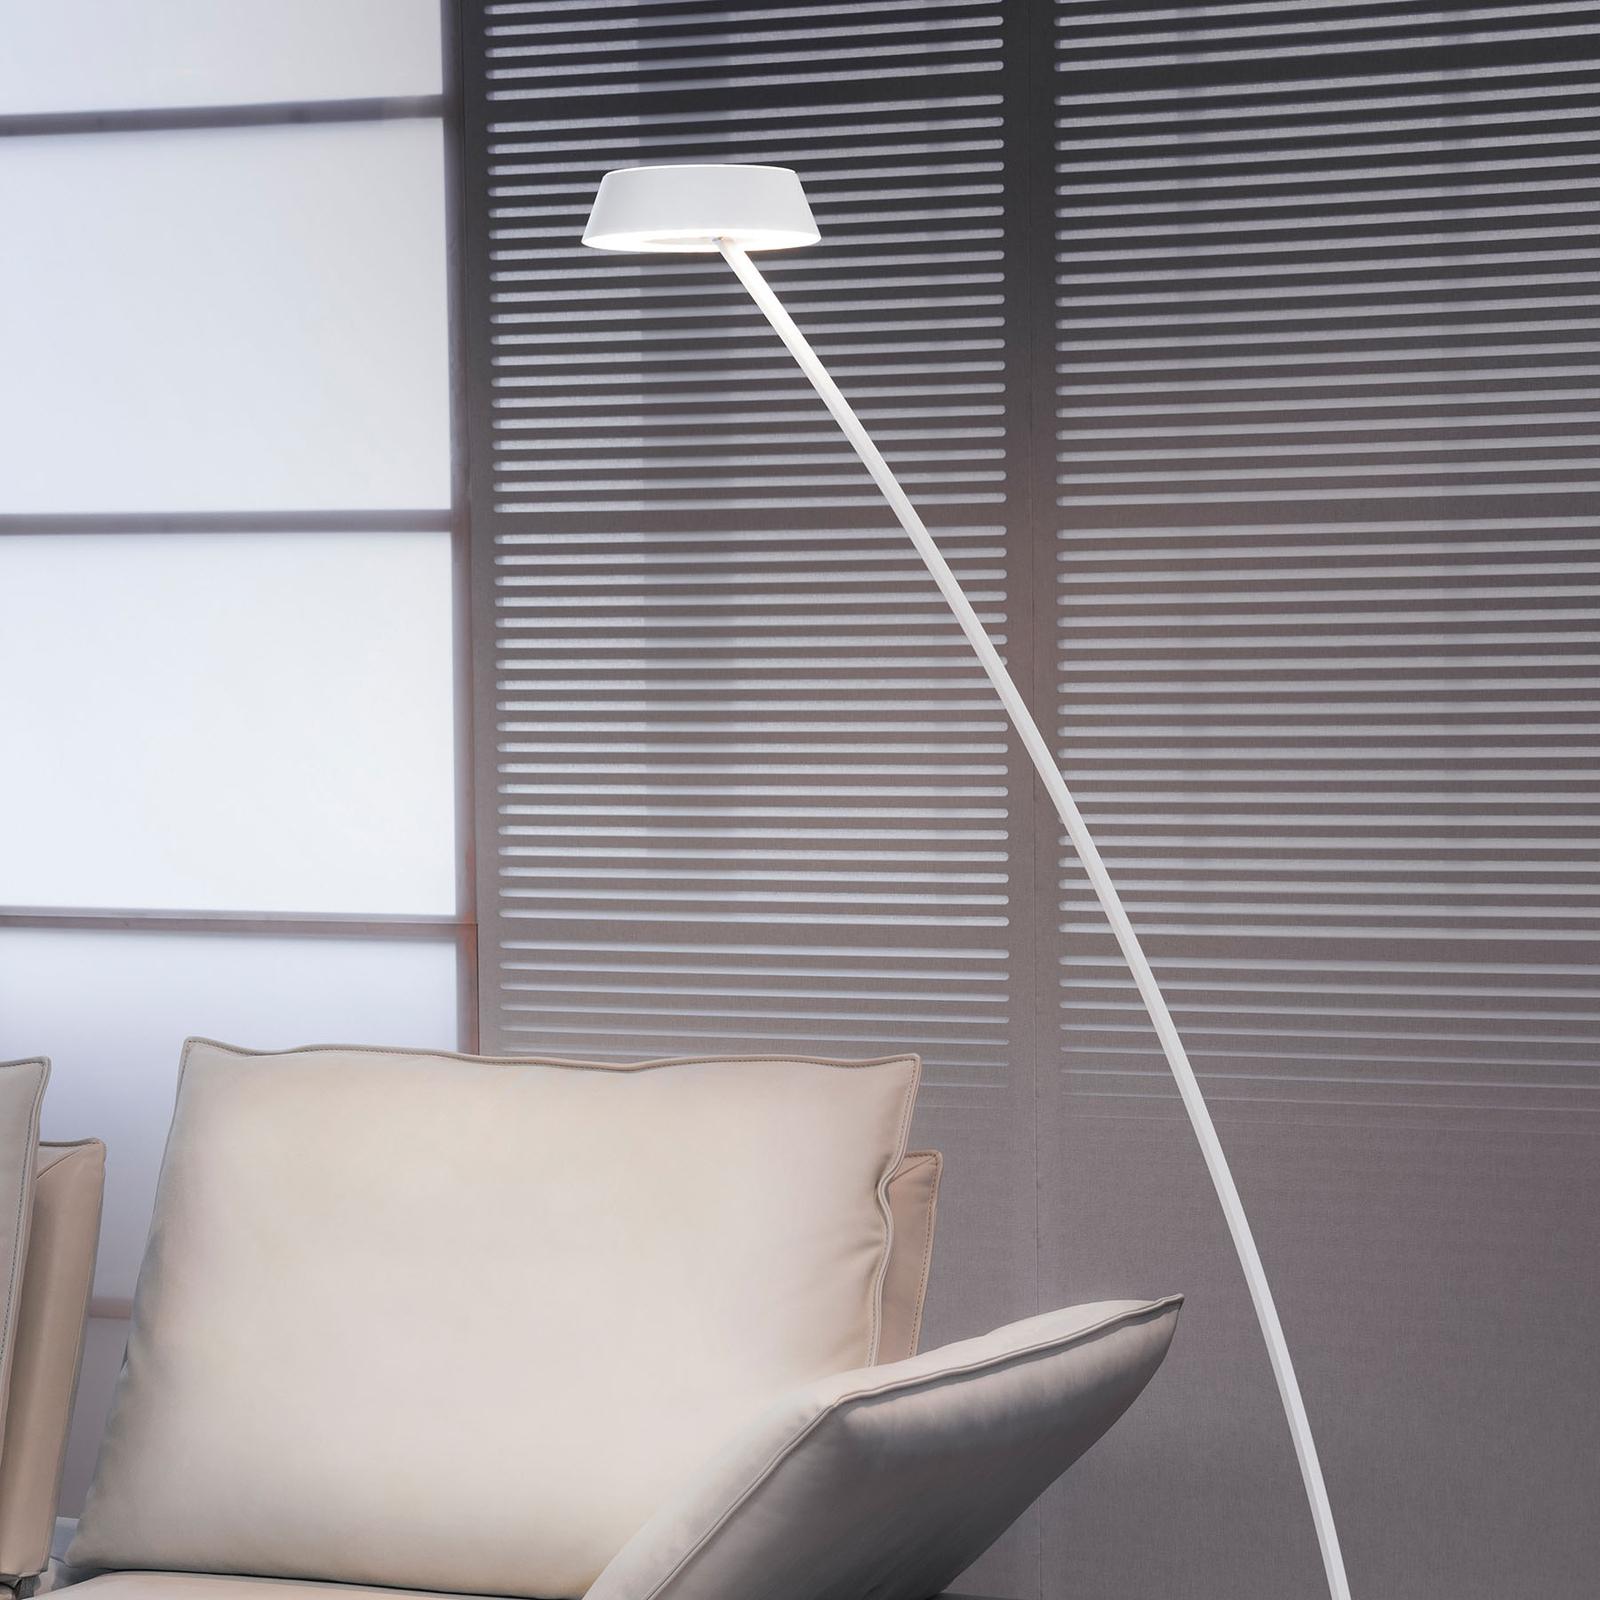 OLIGO Glance LED-lattiavalo, kaareva, valkoinen